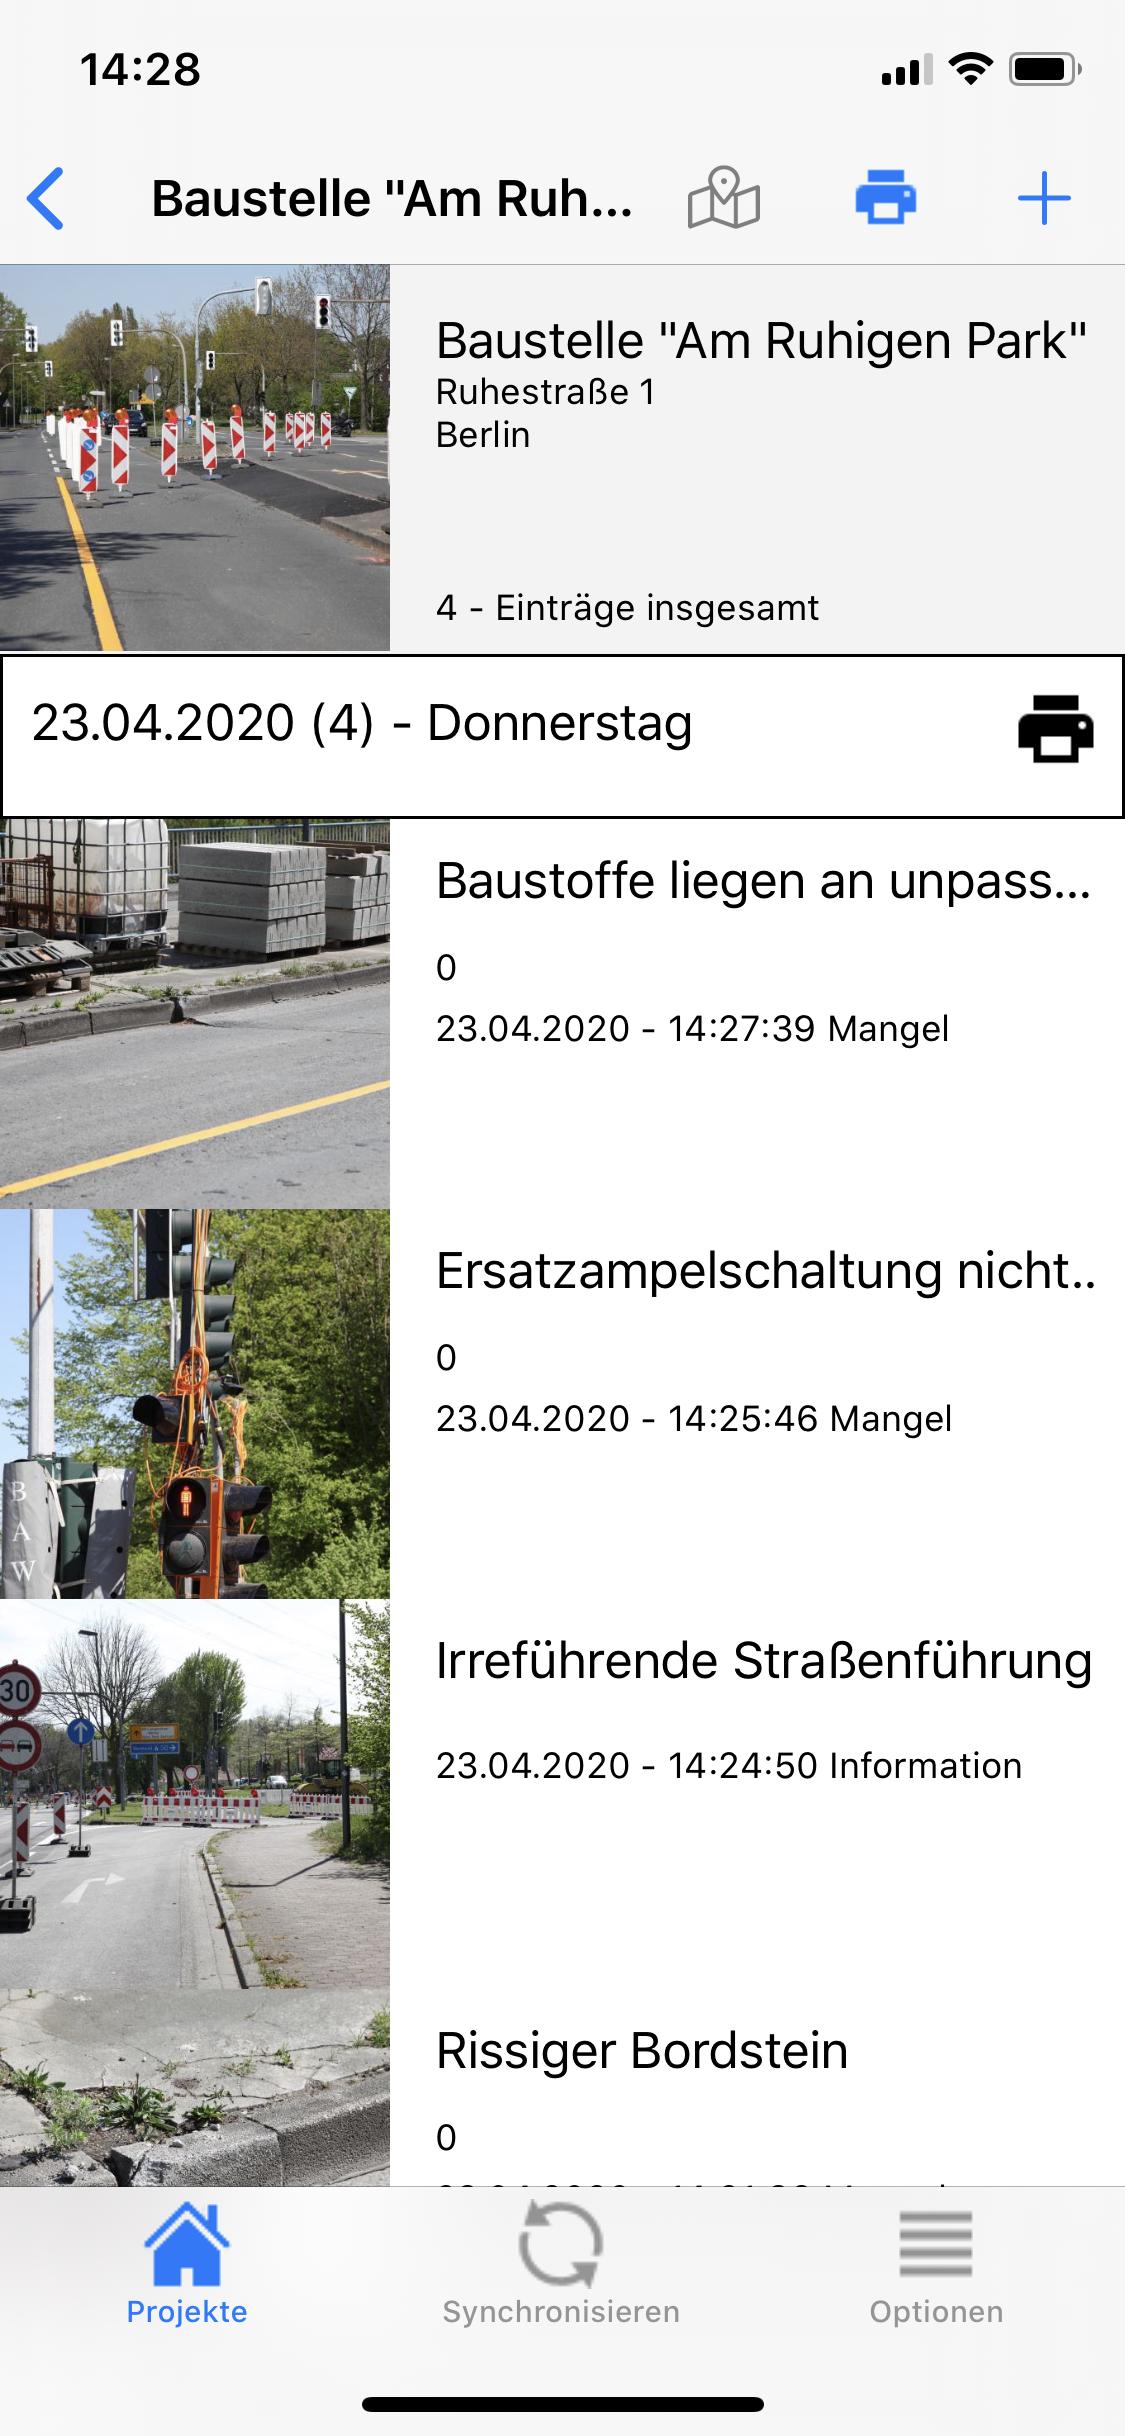 Fotodokumentation App Baustelle Mängelübersicht